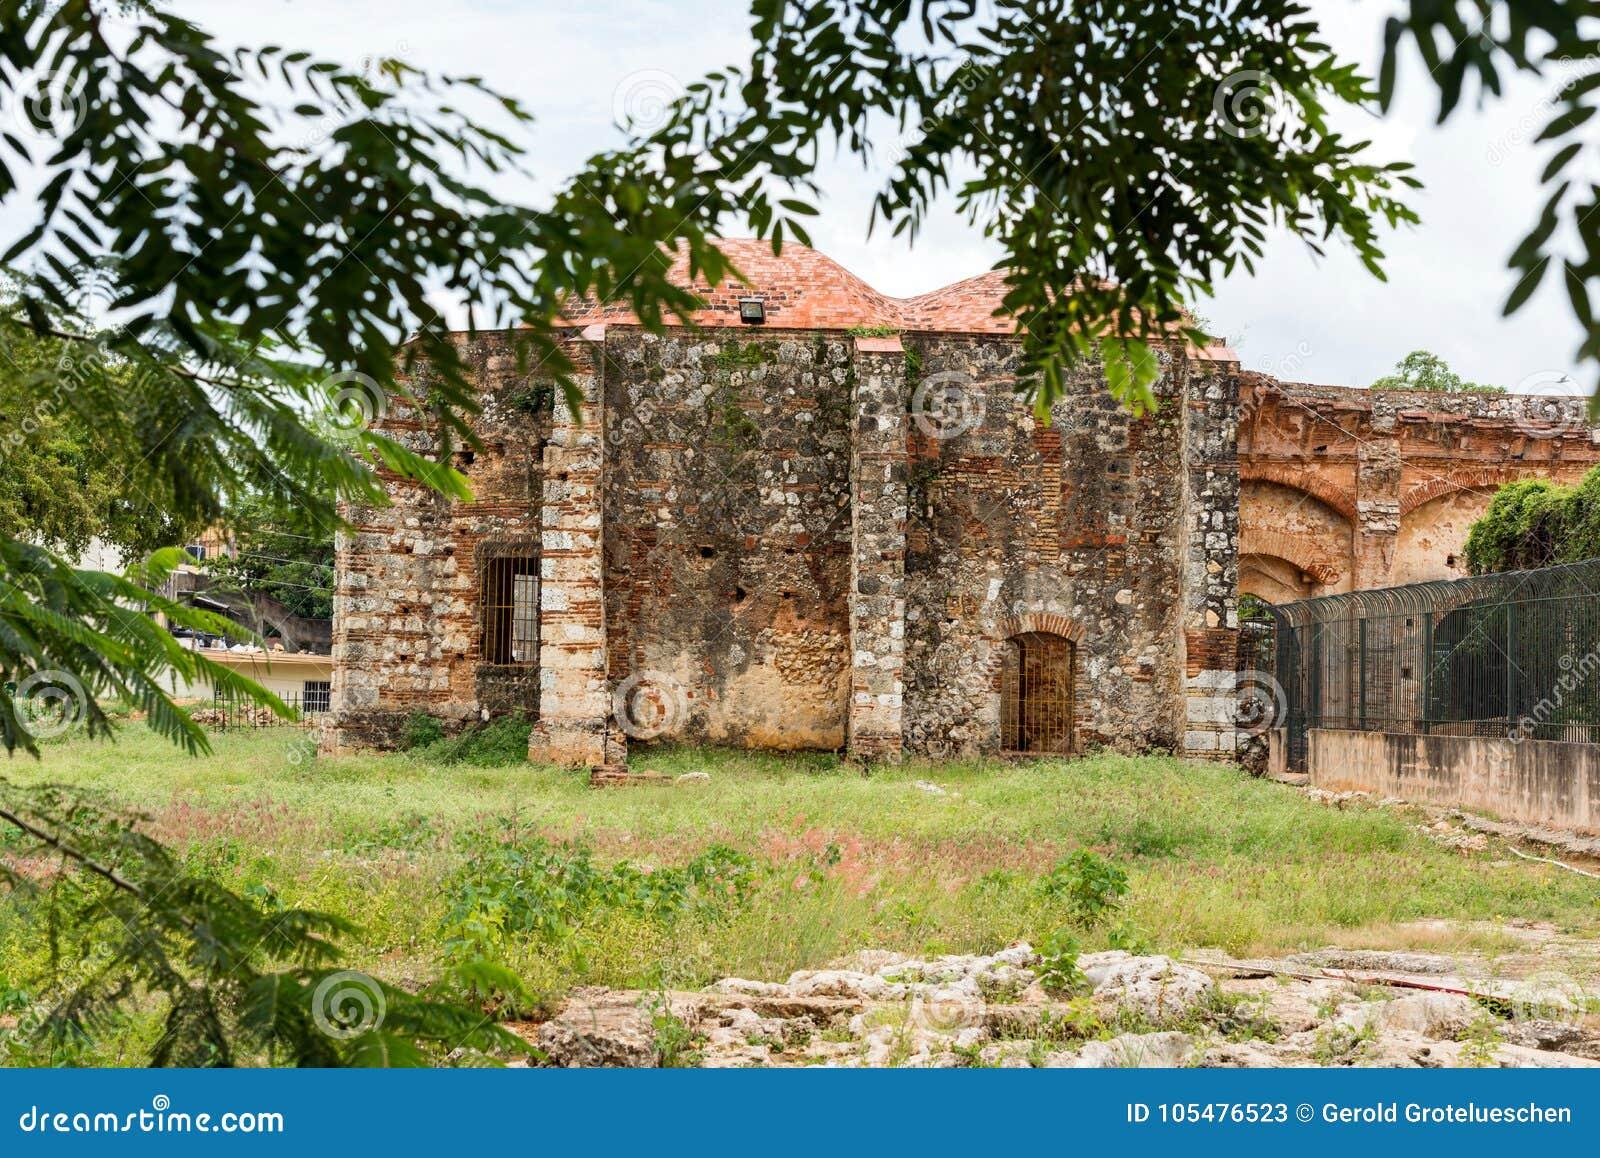 Sikten fördärvar på av den Franciscan kloster, Santo Domingo, Dominikanska republiken Kopiera utrymme för text